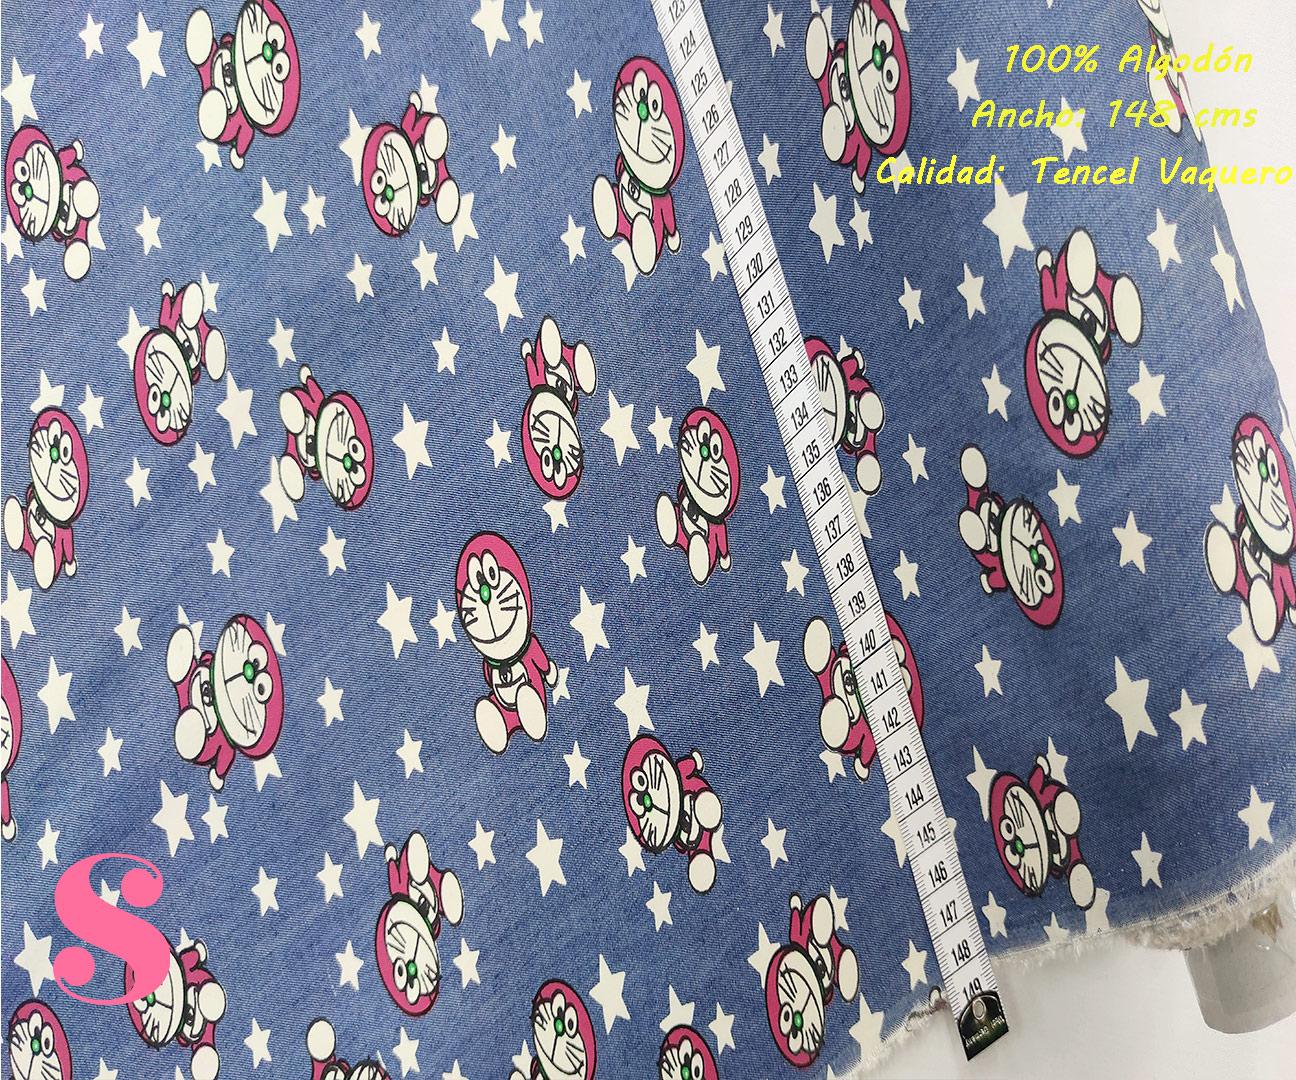 495-doraemon-estrellitas-tencel-vaquero-tejidos-algodón-estampado-percal,Tejido Tencel Vaquero Estampado Doraemon